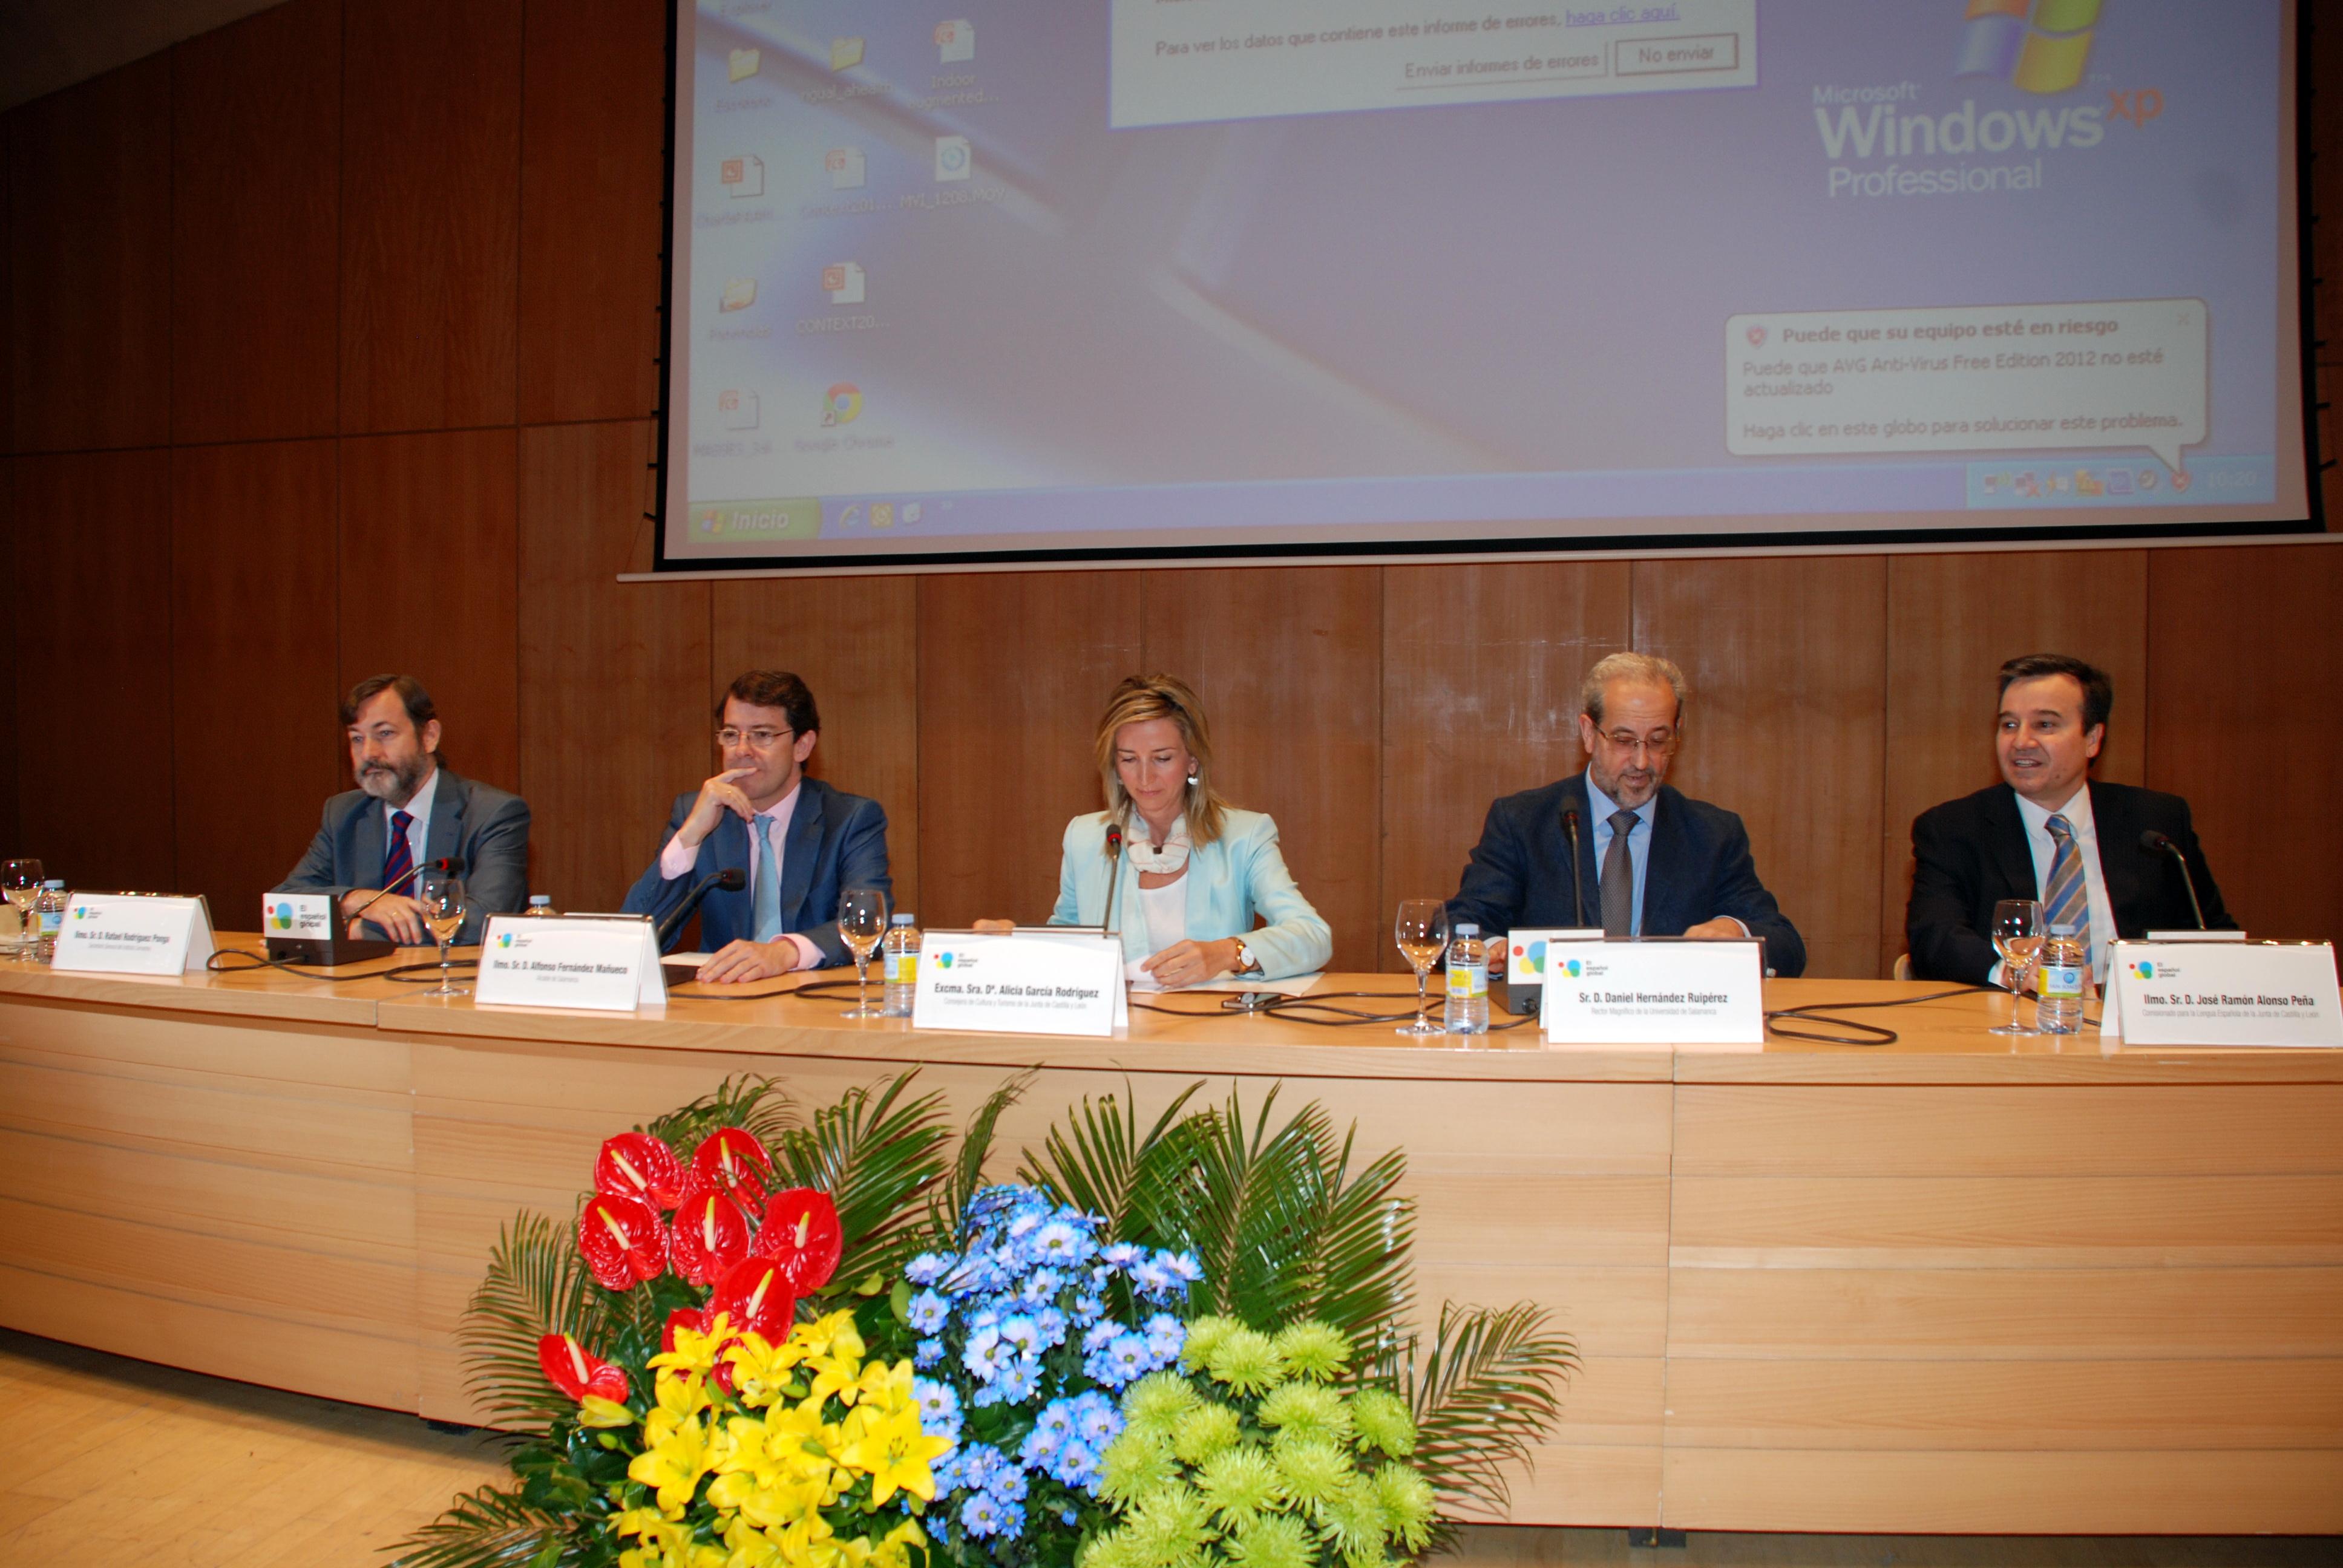 El rector y la vicerrectora de Relaciones Internacionales asisten a la inauguración del III Congreso Internacional del Español